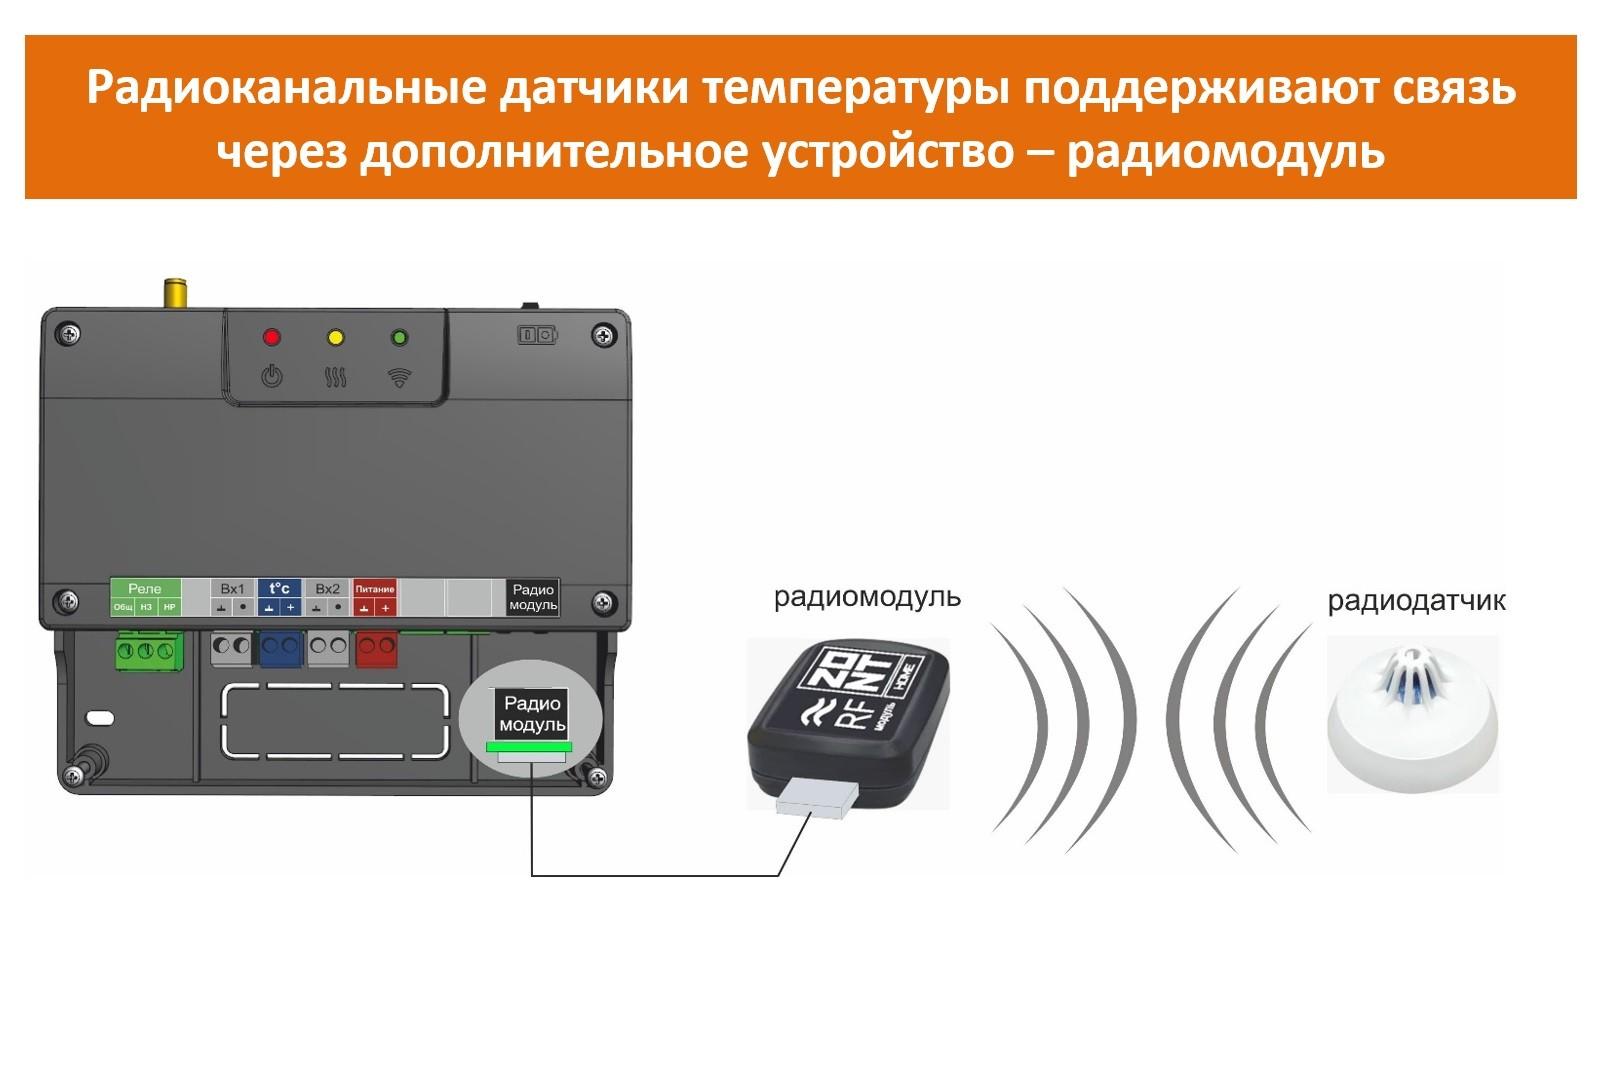 Радиомодуль МЛ-489 для радиодатчиков